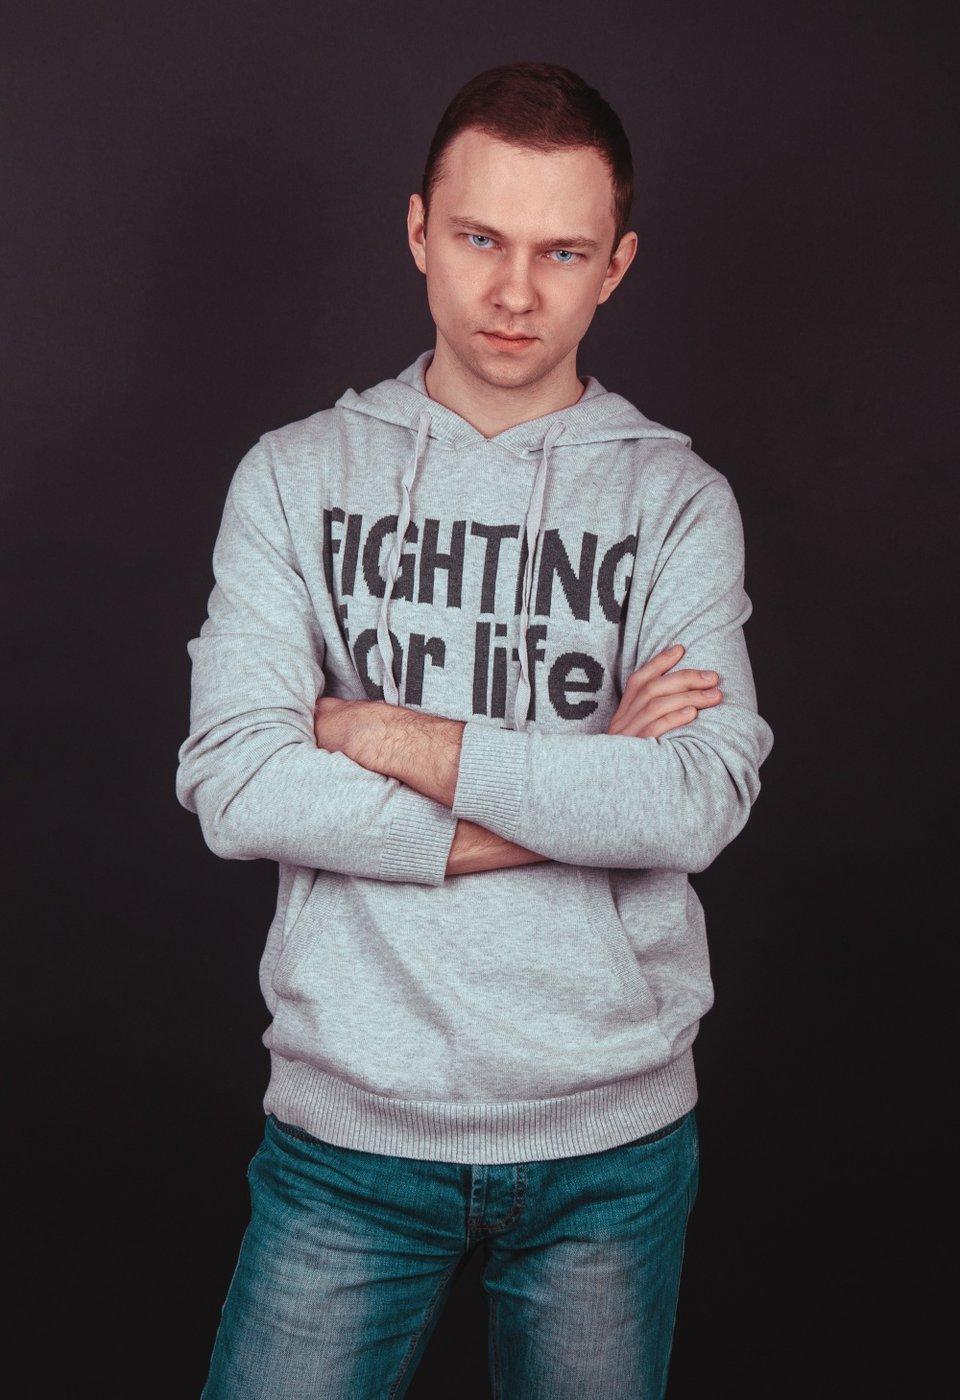 фото Александр Сидельников